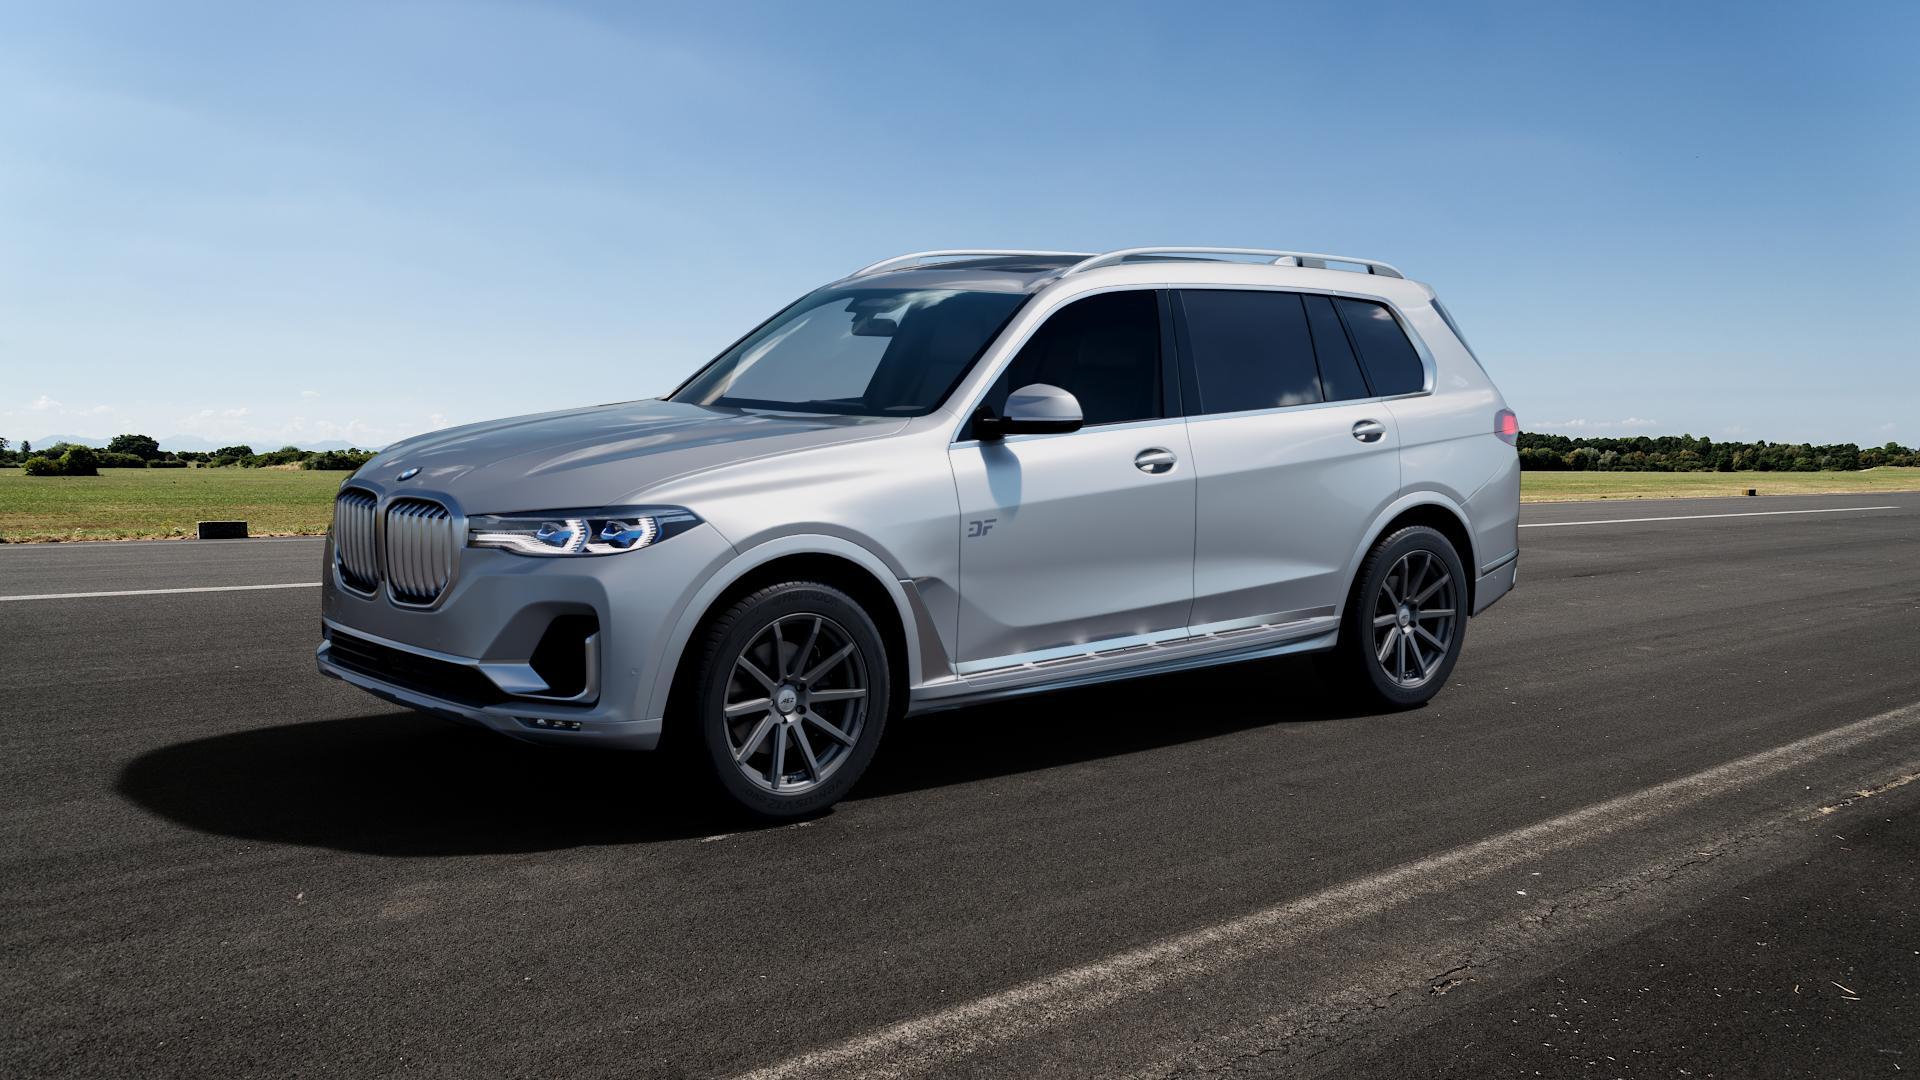 AEZ STRAIGHT GRAPHITE MATT Felge mit Reifen grau in 20Zoll Winterfelge Alufelge auf silbernem BMW X7 Typ G07 (G7X) ⬇️ mit 15mm Tieferlegung ⬇️ Big_Vehicle_Airstrip_1 Frontansicht_1